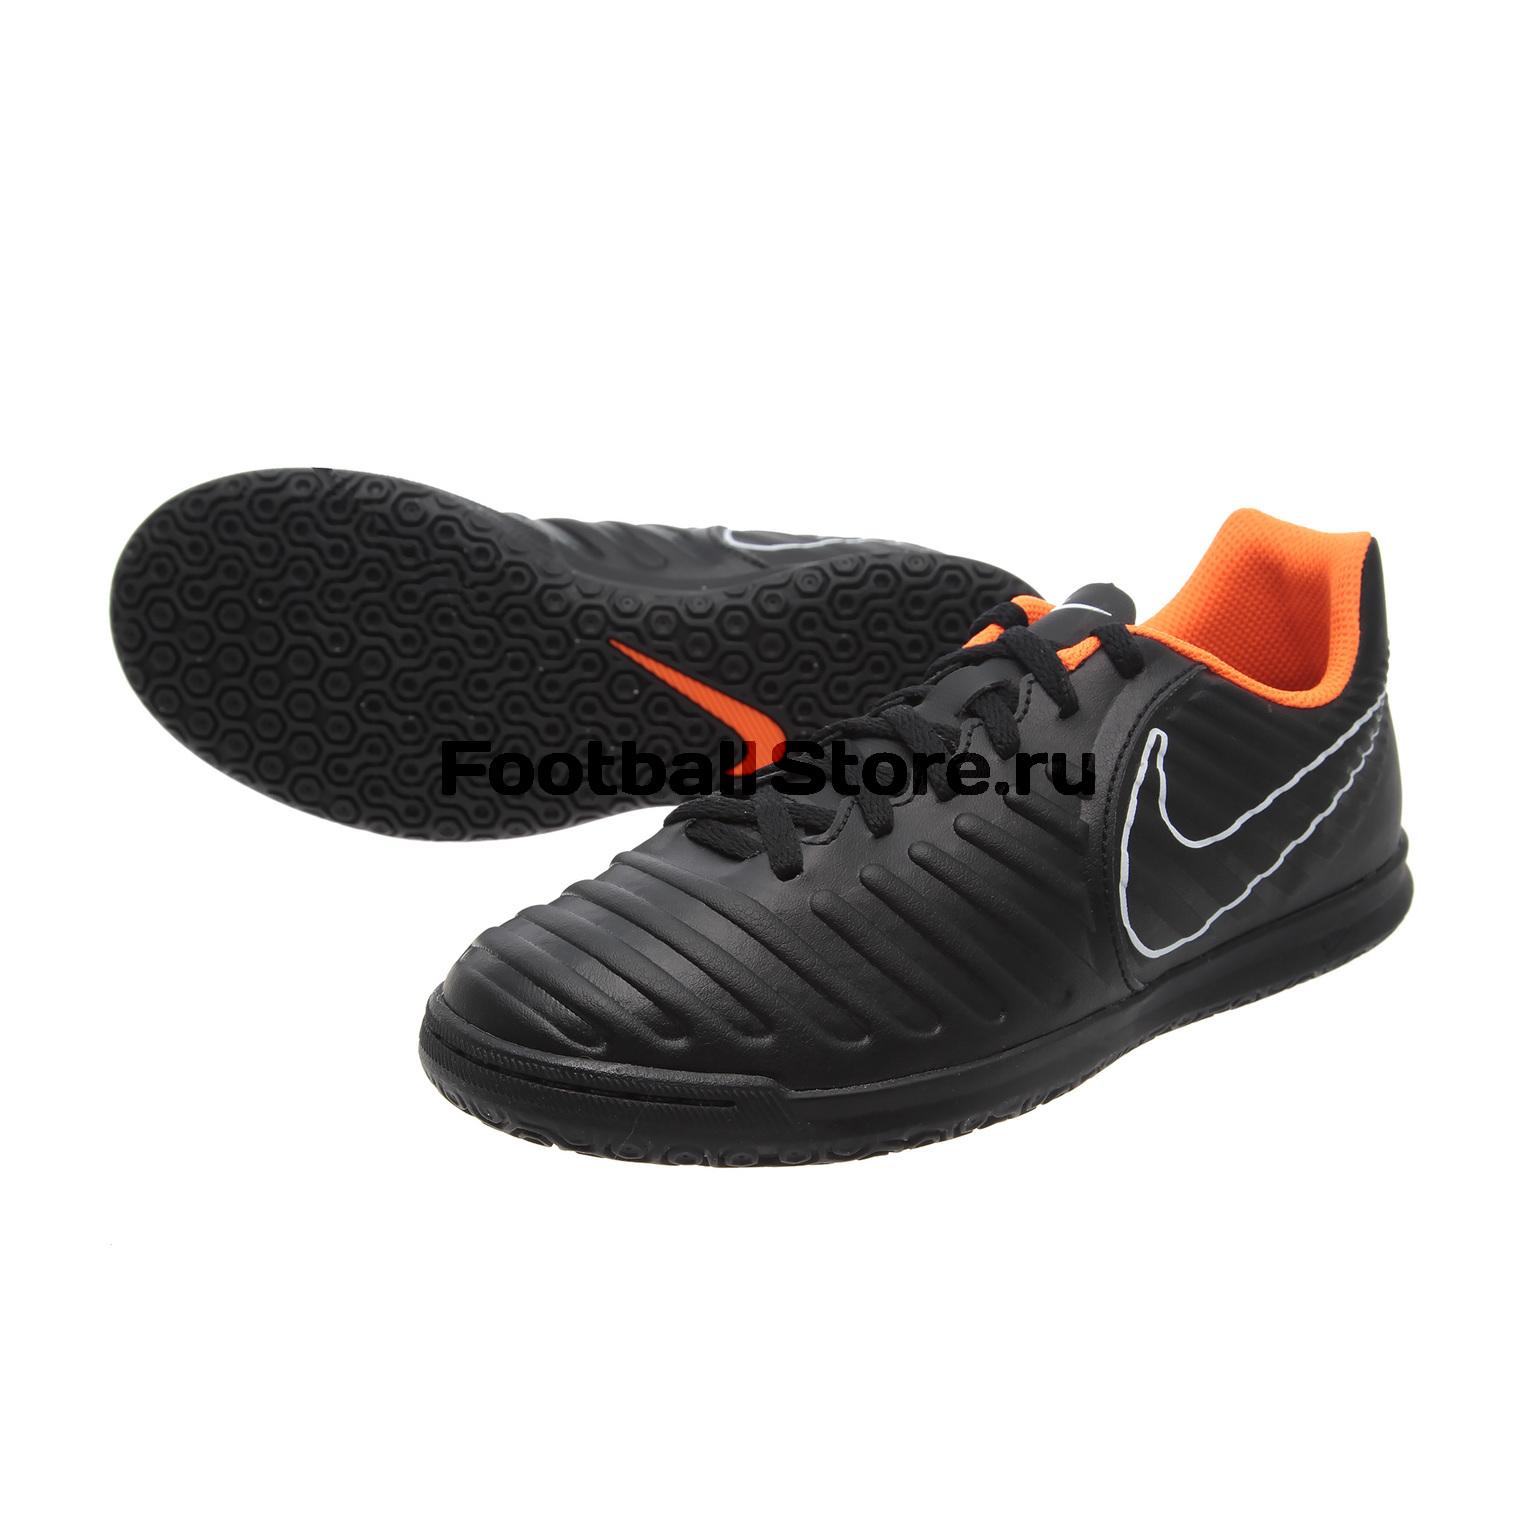 Обувь для зала Nike JR LegendX 7 Club IC AH7260-080 детские бутсы nike бутсы nike jr phantom 3 elite df fg ah7292 081